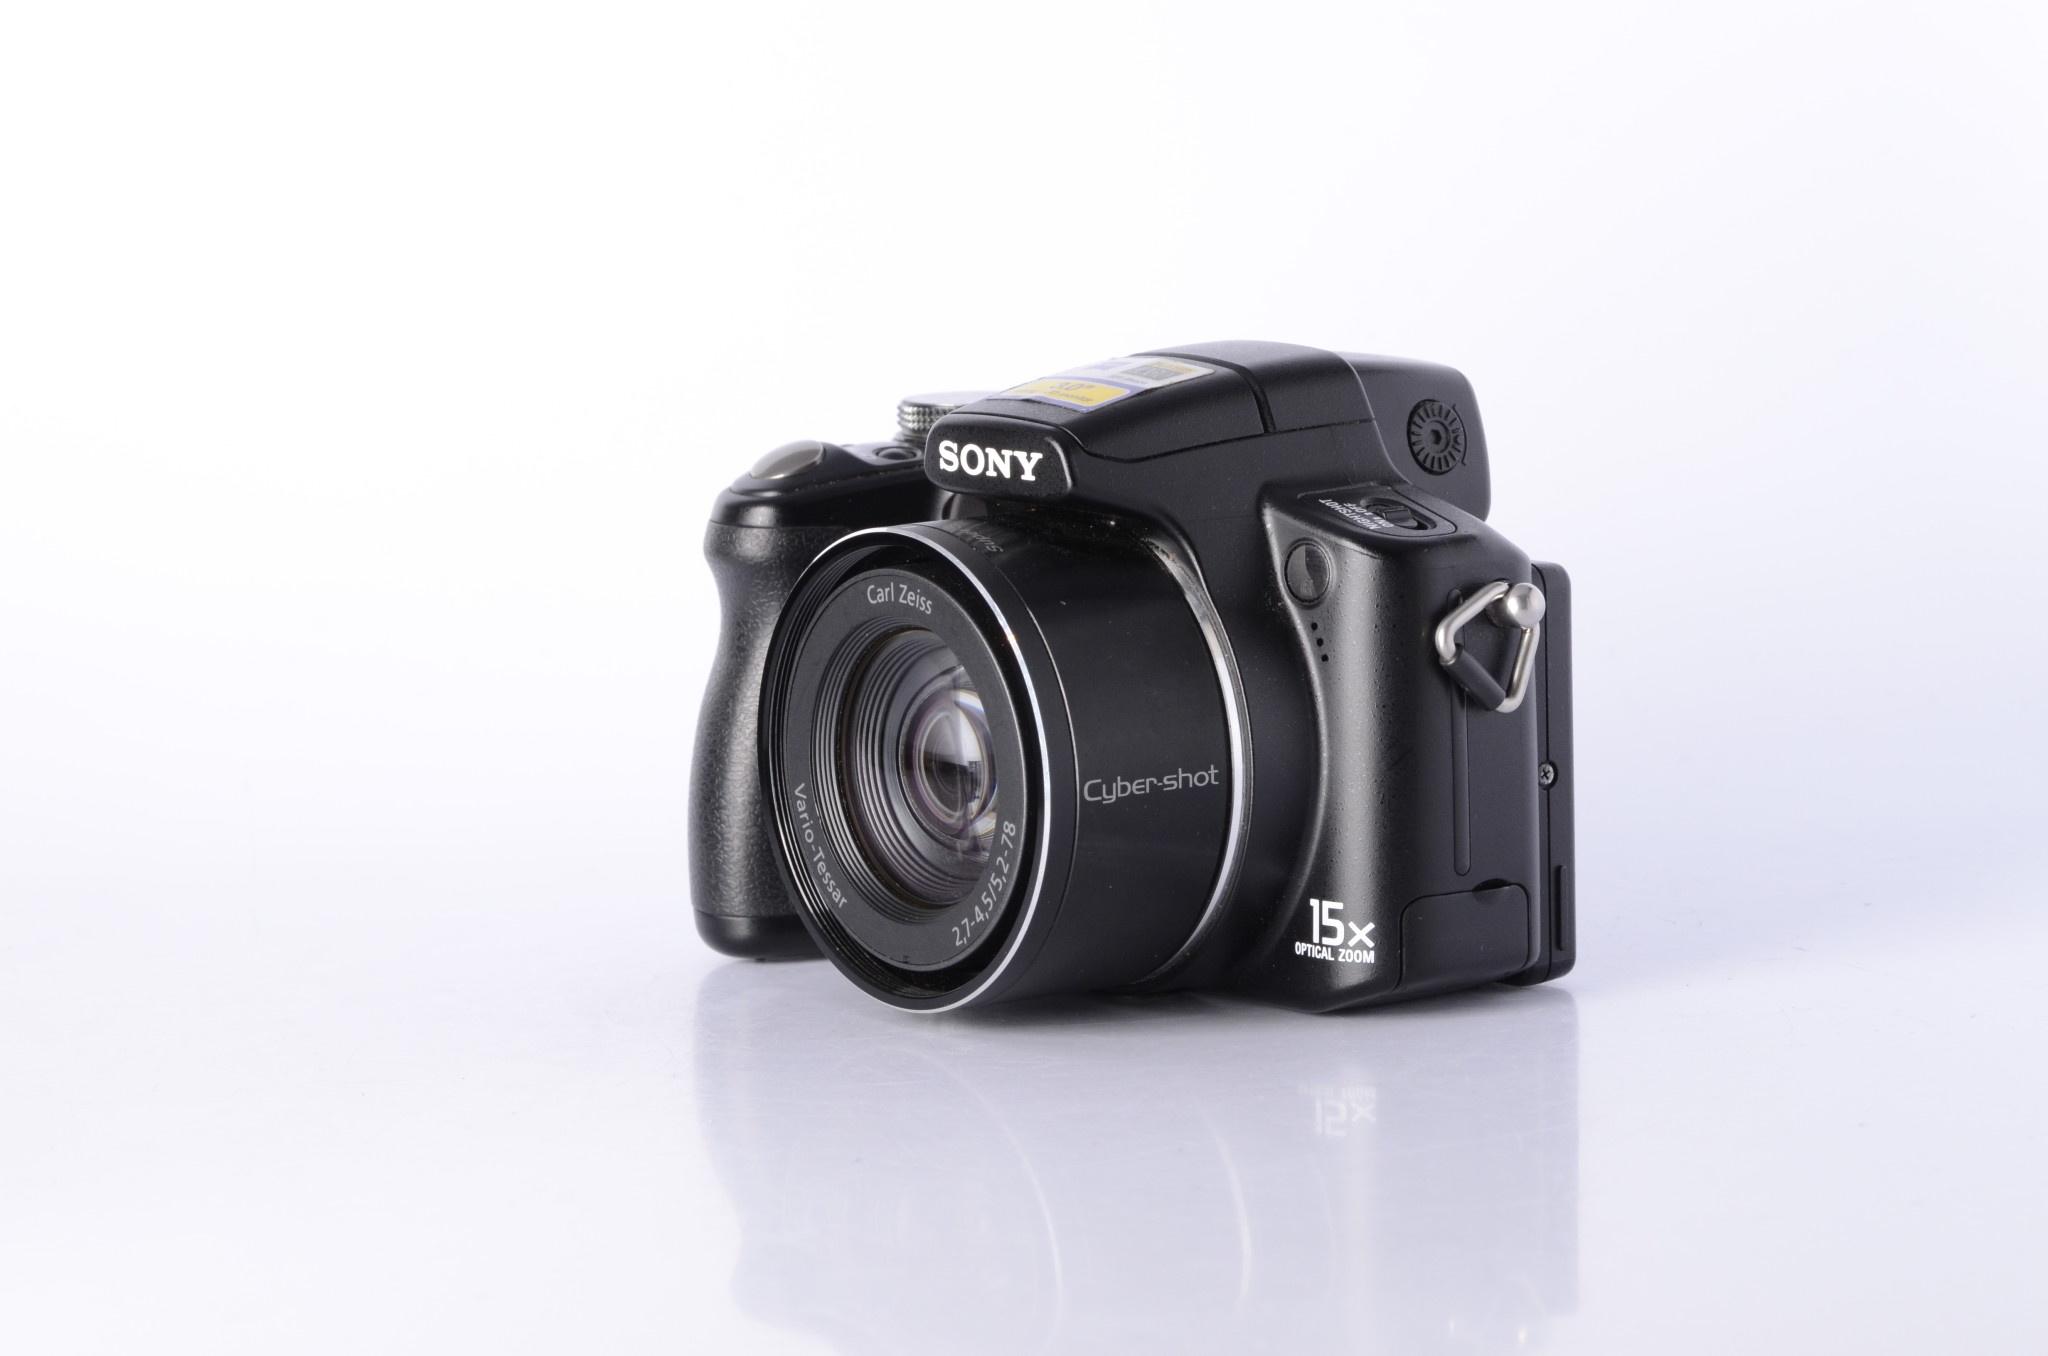 Sony Sony DSC-H50 SN: 593112